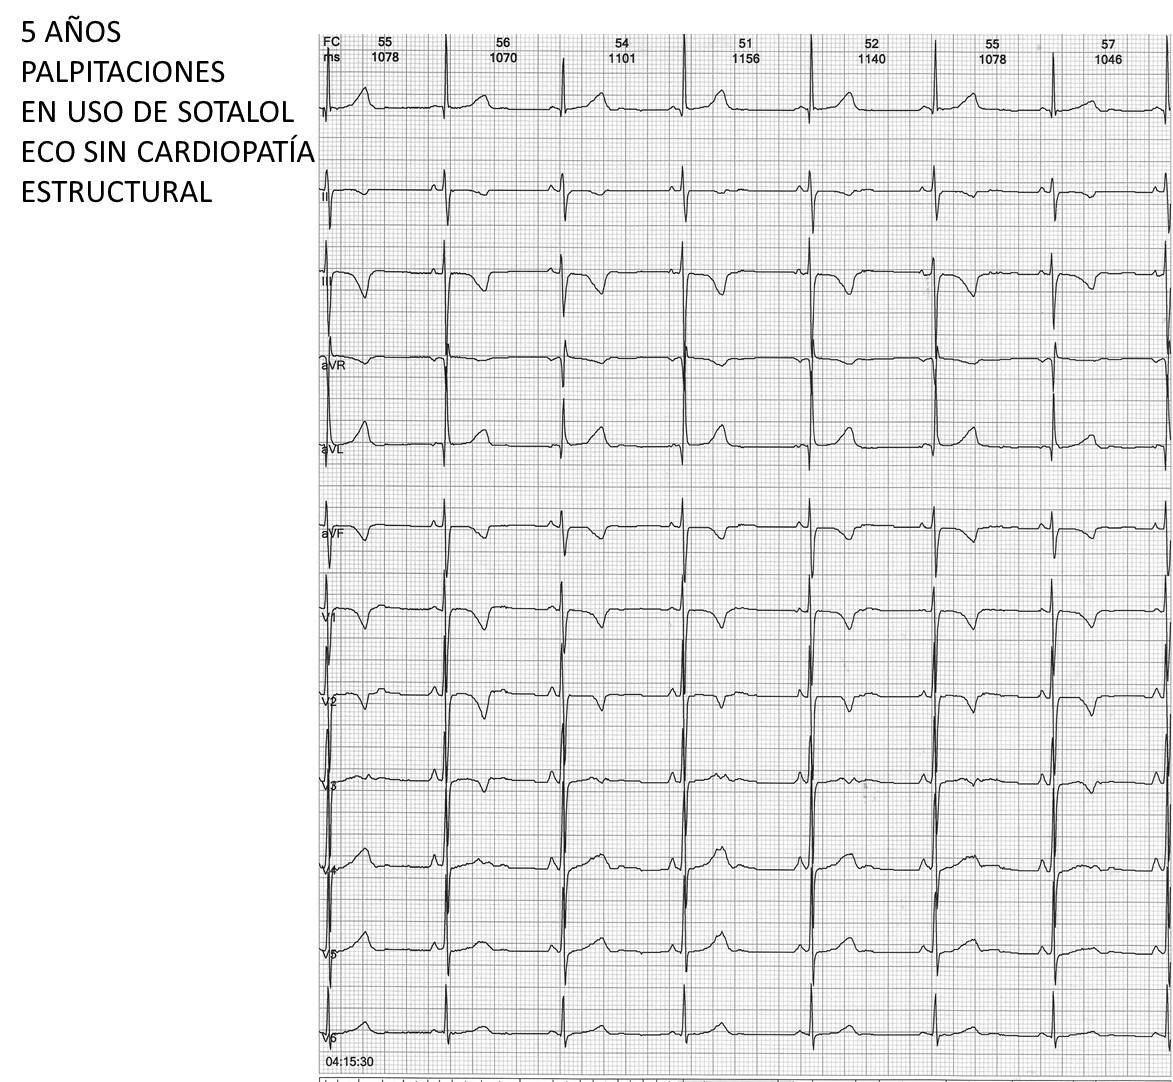 Niño de 5 años con EVs muy frecuentes en contexto de corazón estructuralmente normal a quién se indicó sotalol